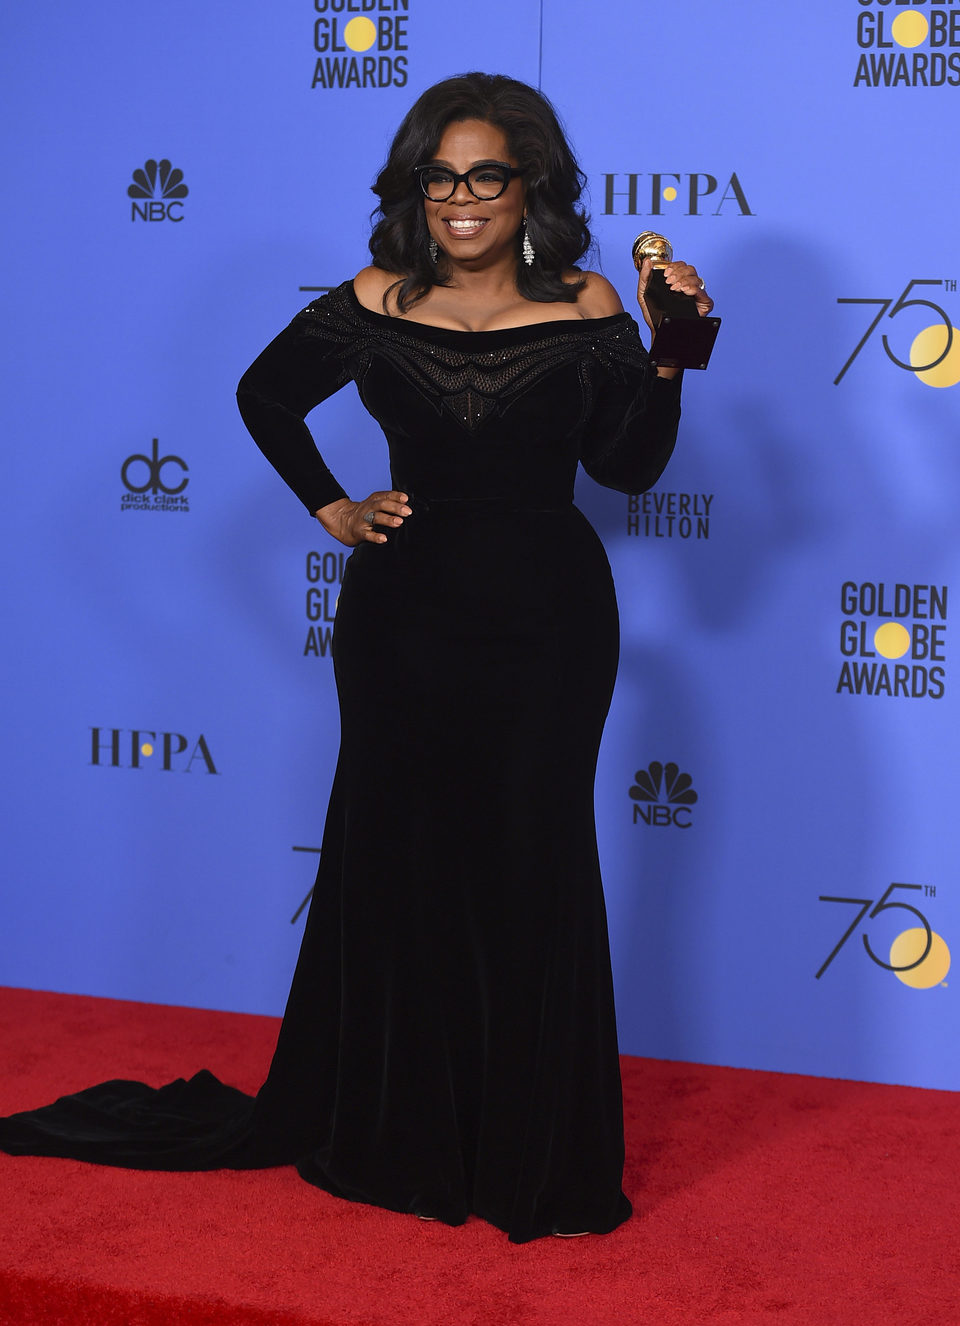 Oprah Winfrey recibe el Globo de Oro honrífico